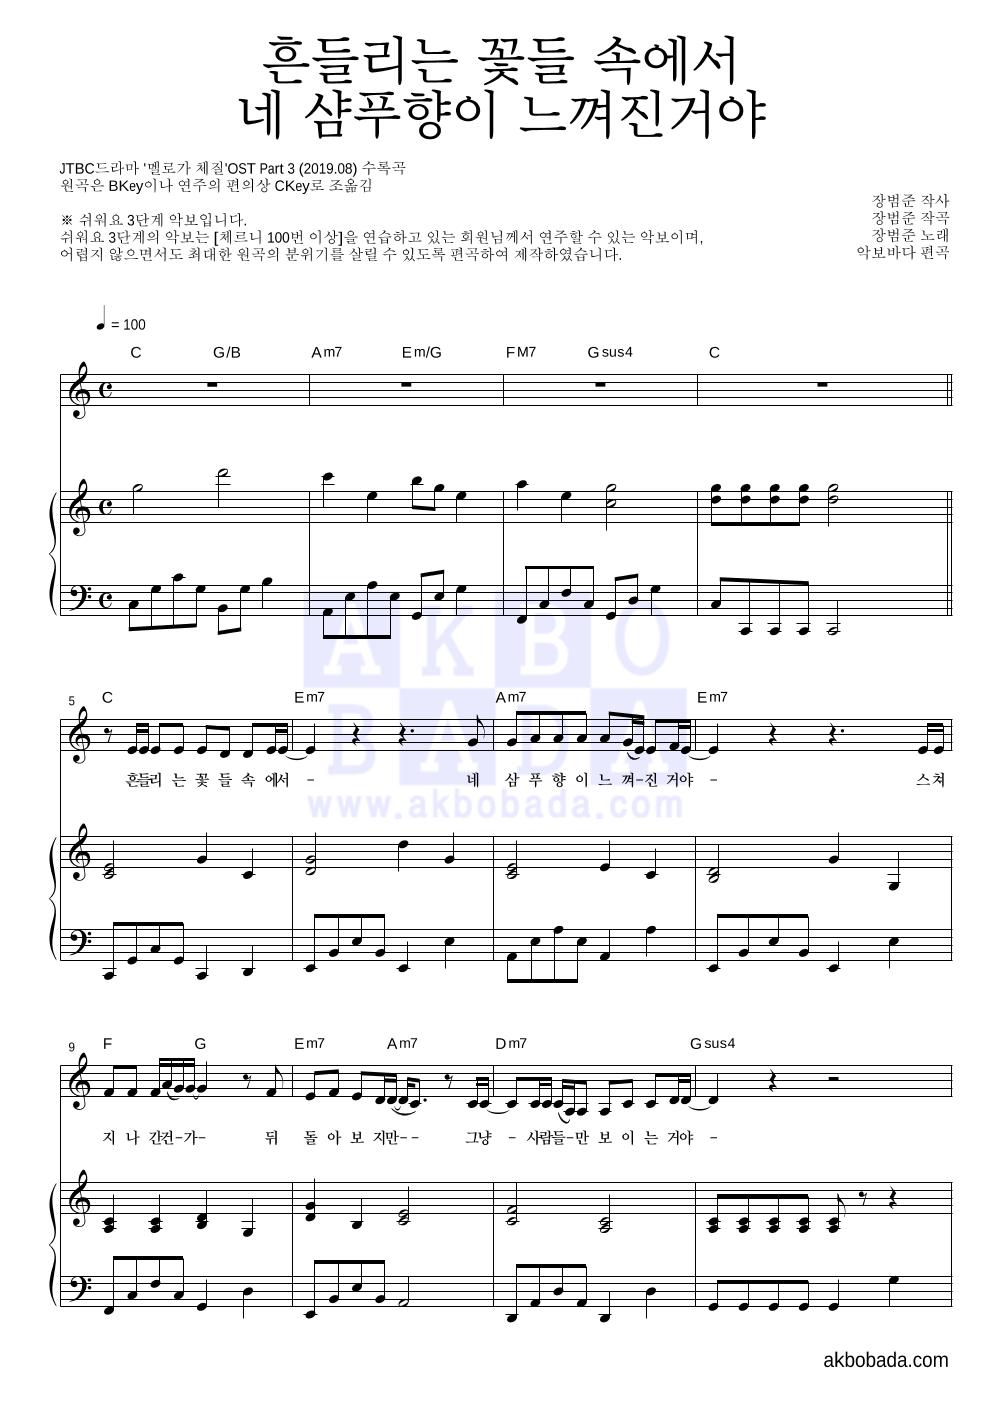 장범준 - 흔들리는 꽃들 속에서 네 샴푸향이 느껴진거야 피아노3단-쉬워요 악보